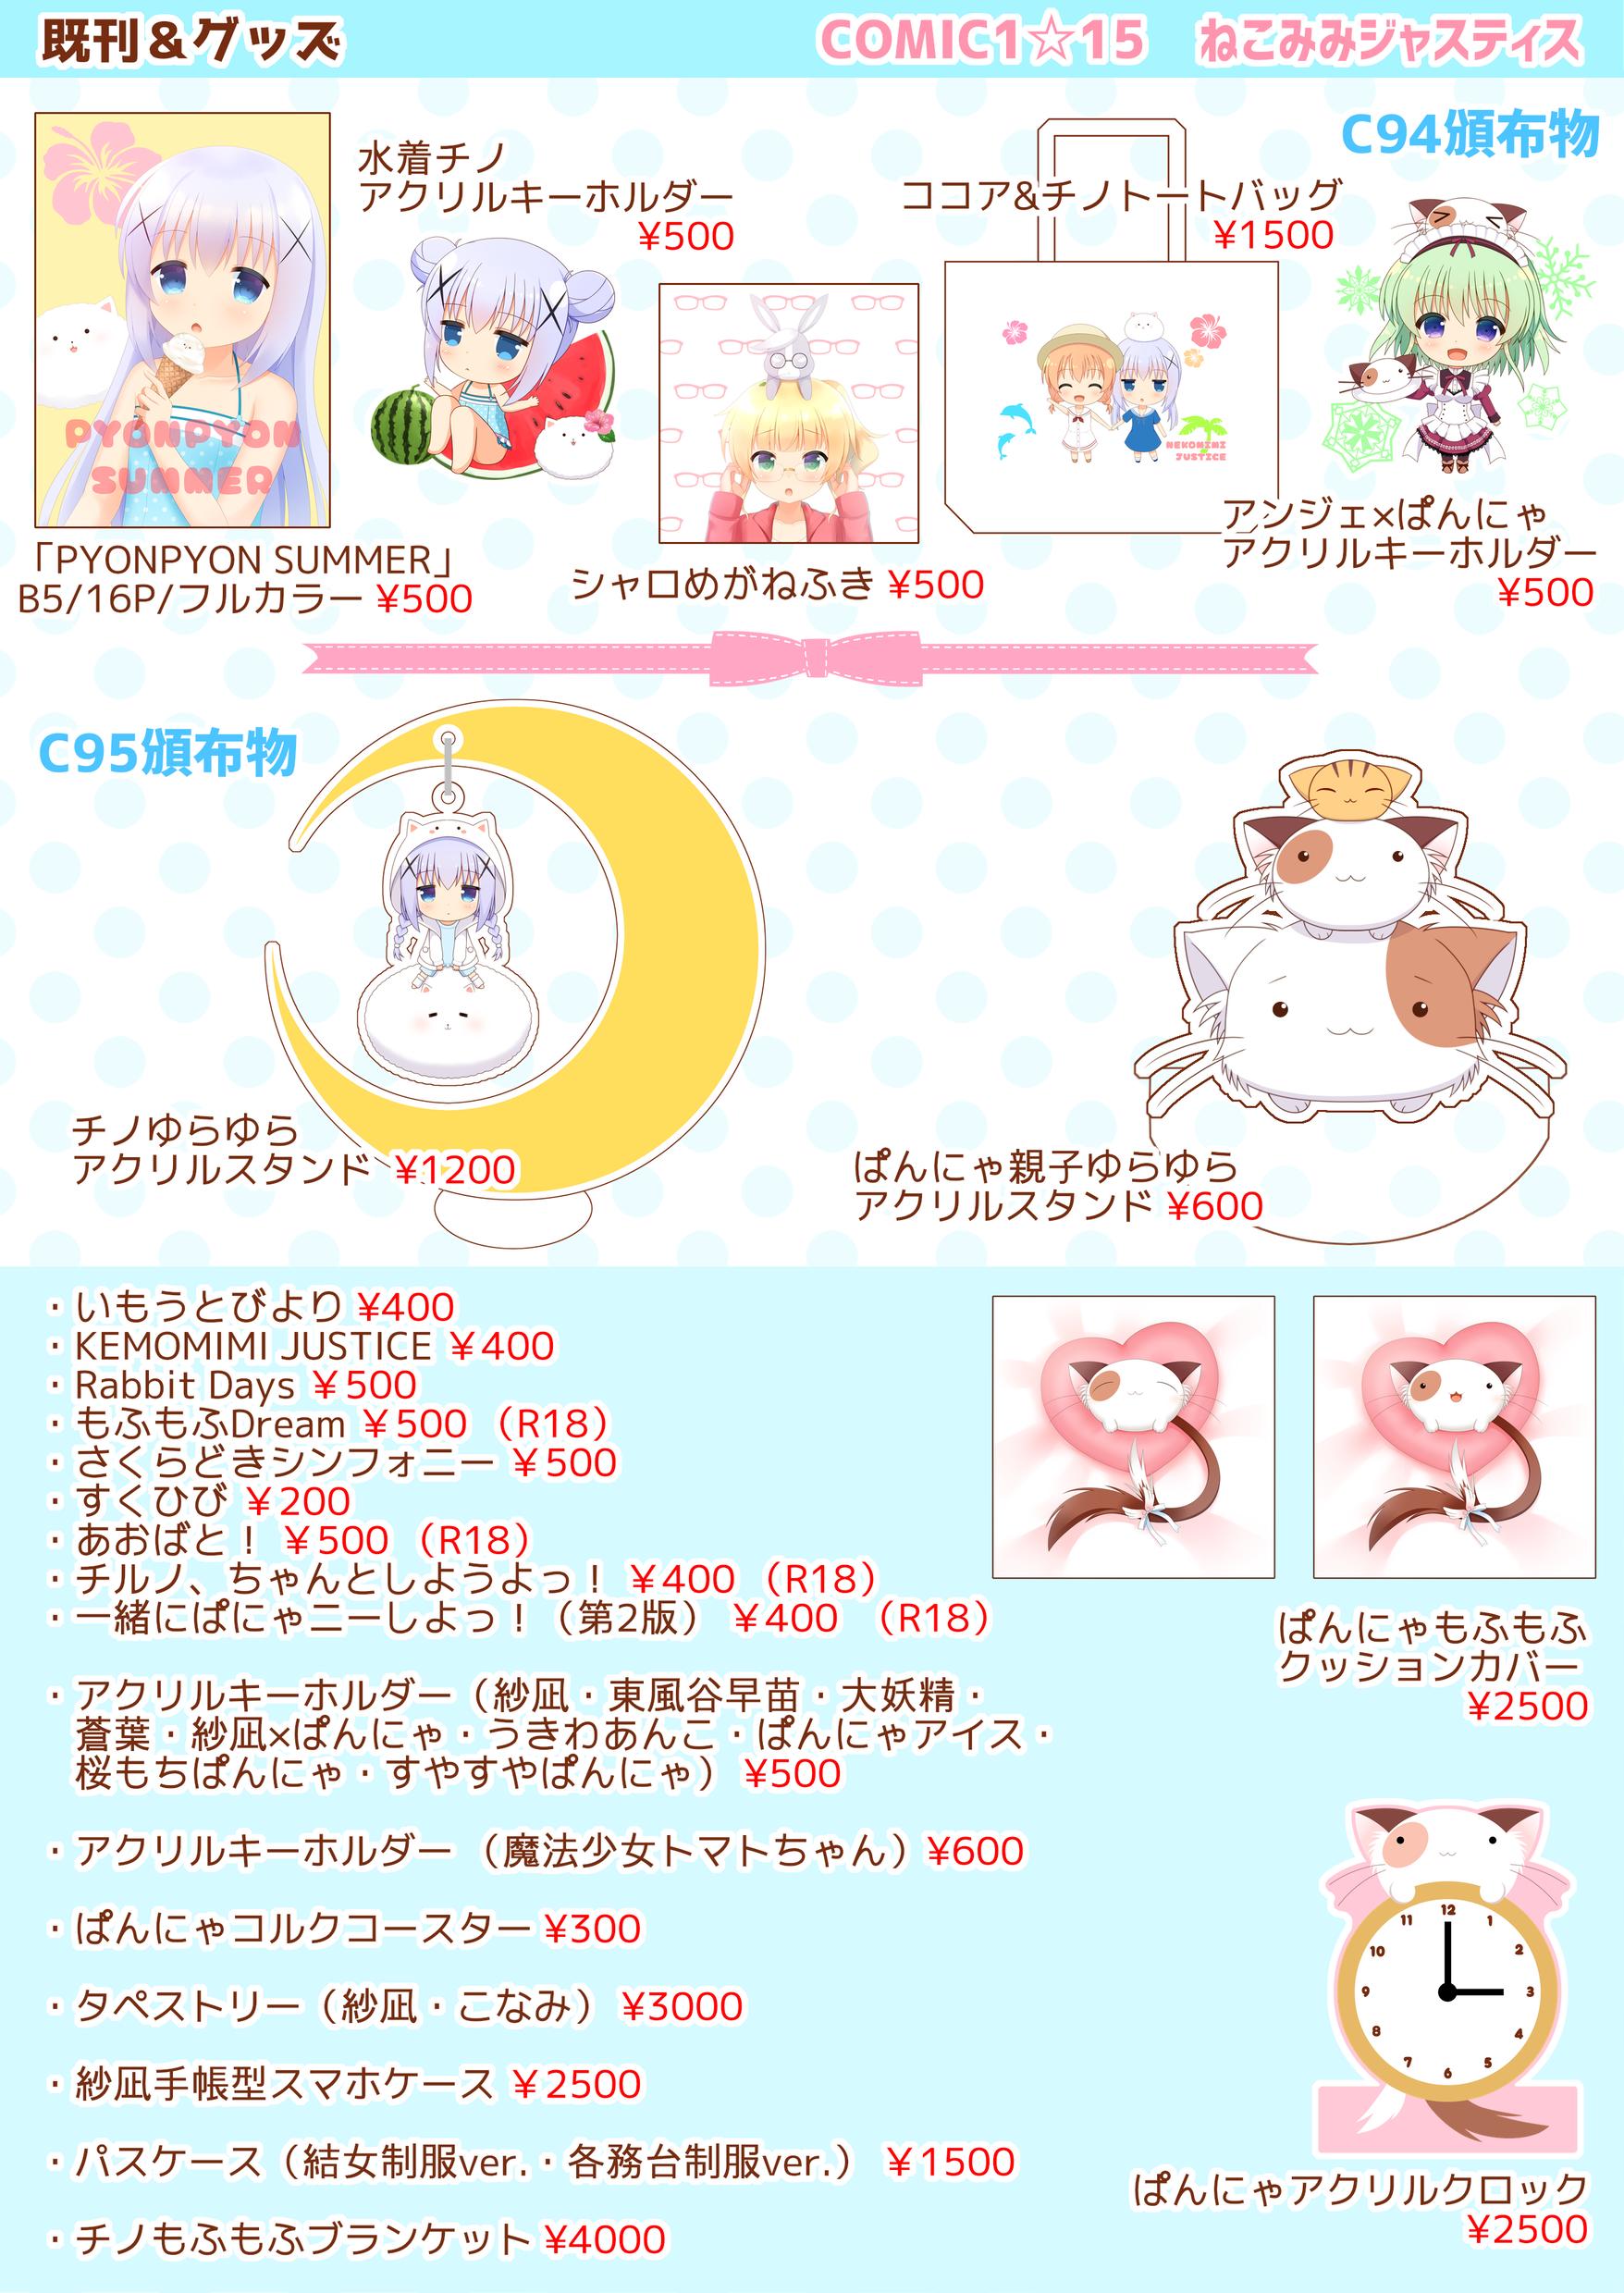 oshinagaki_kikan_comi1_15_b.png